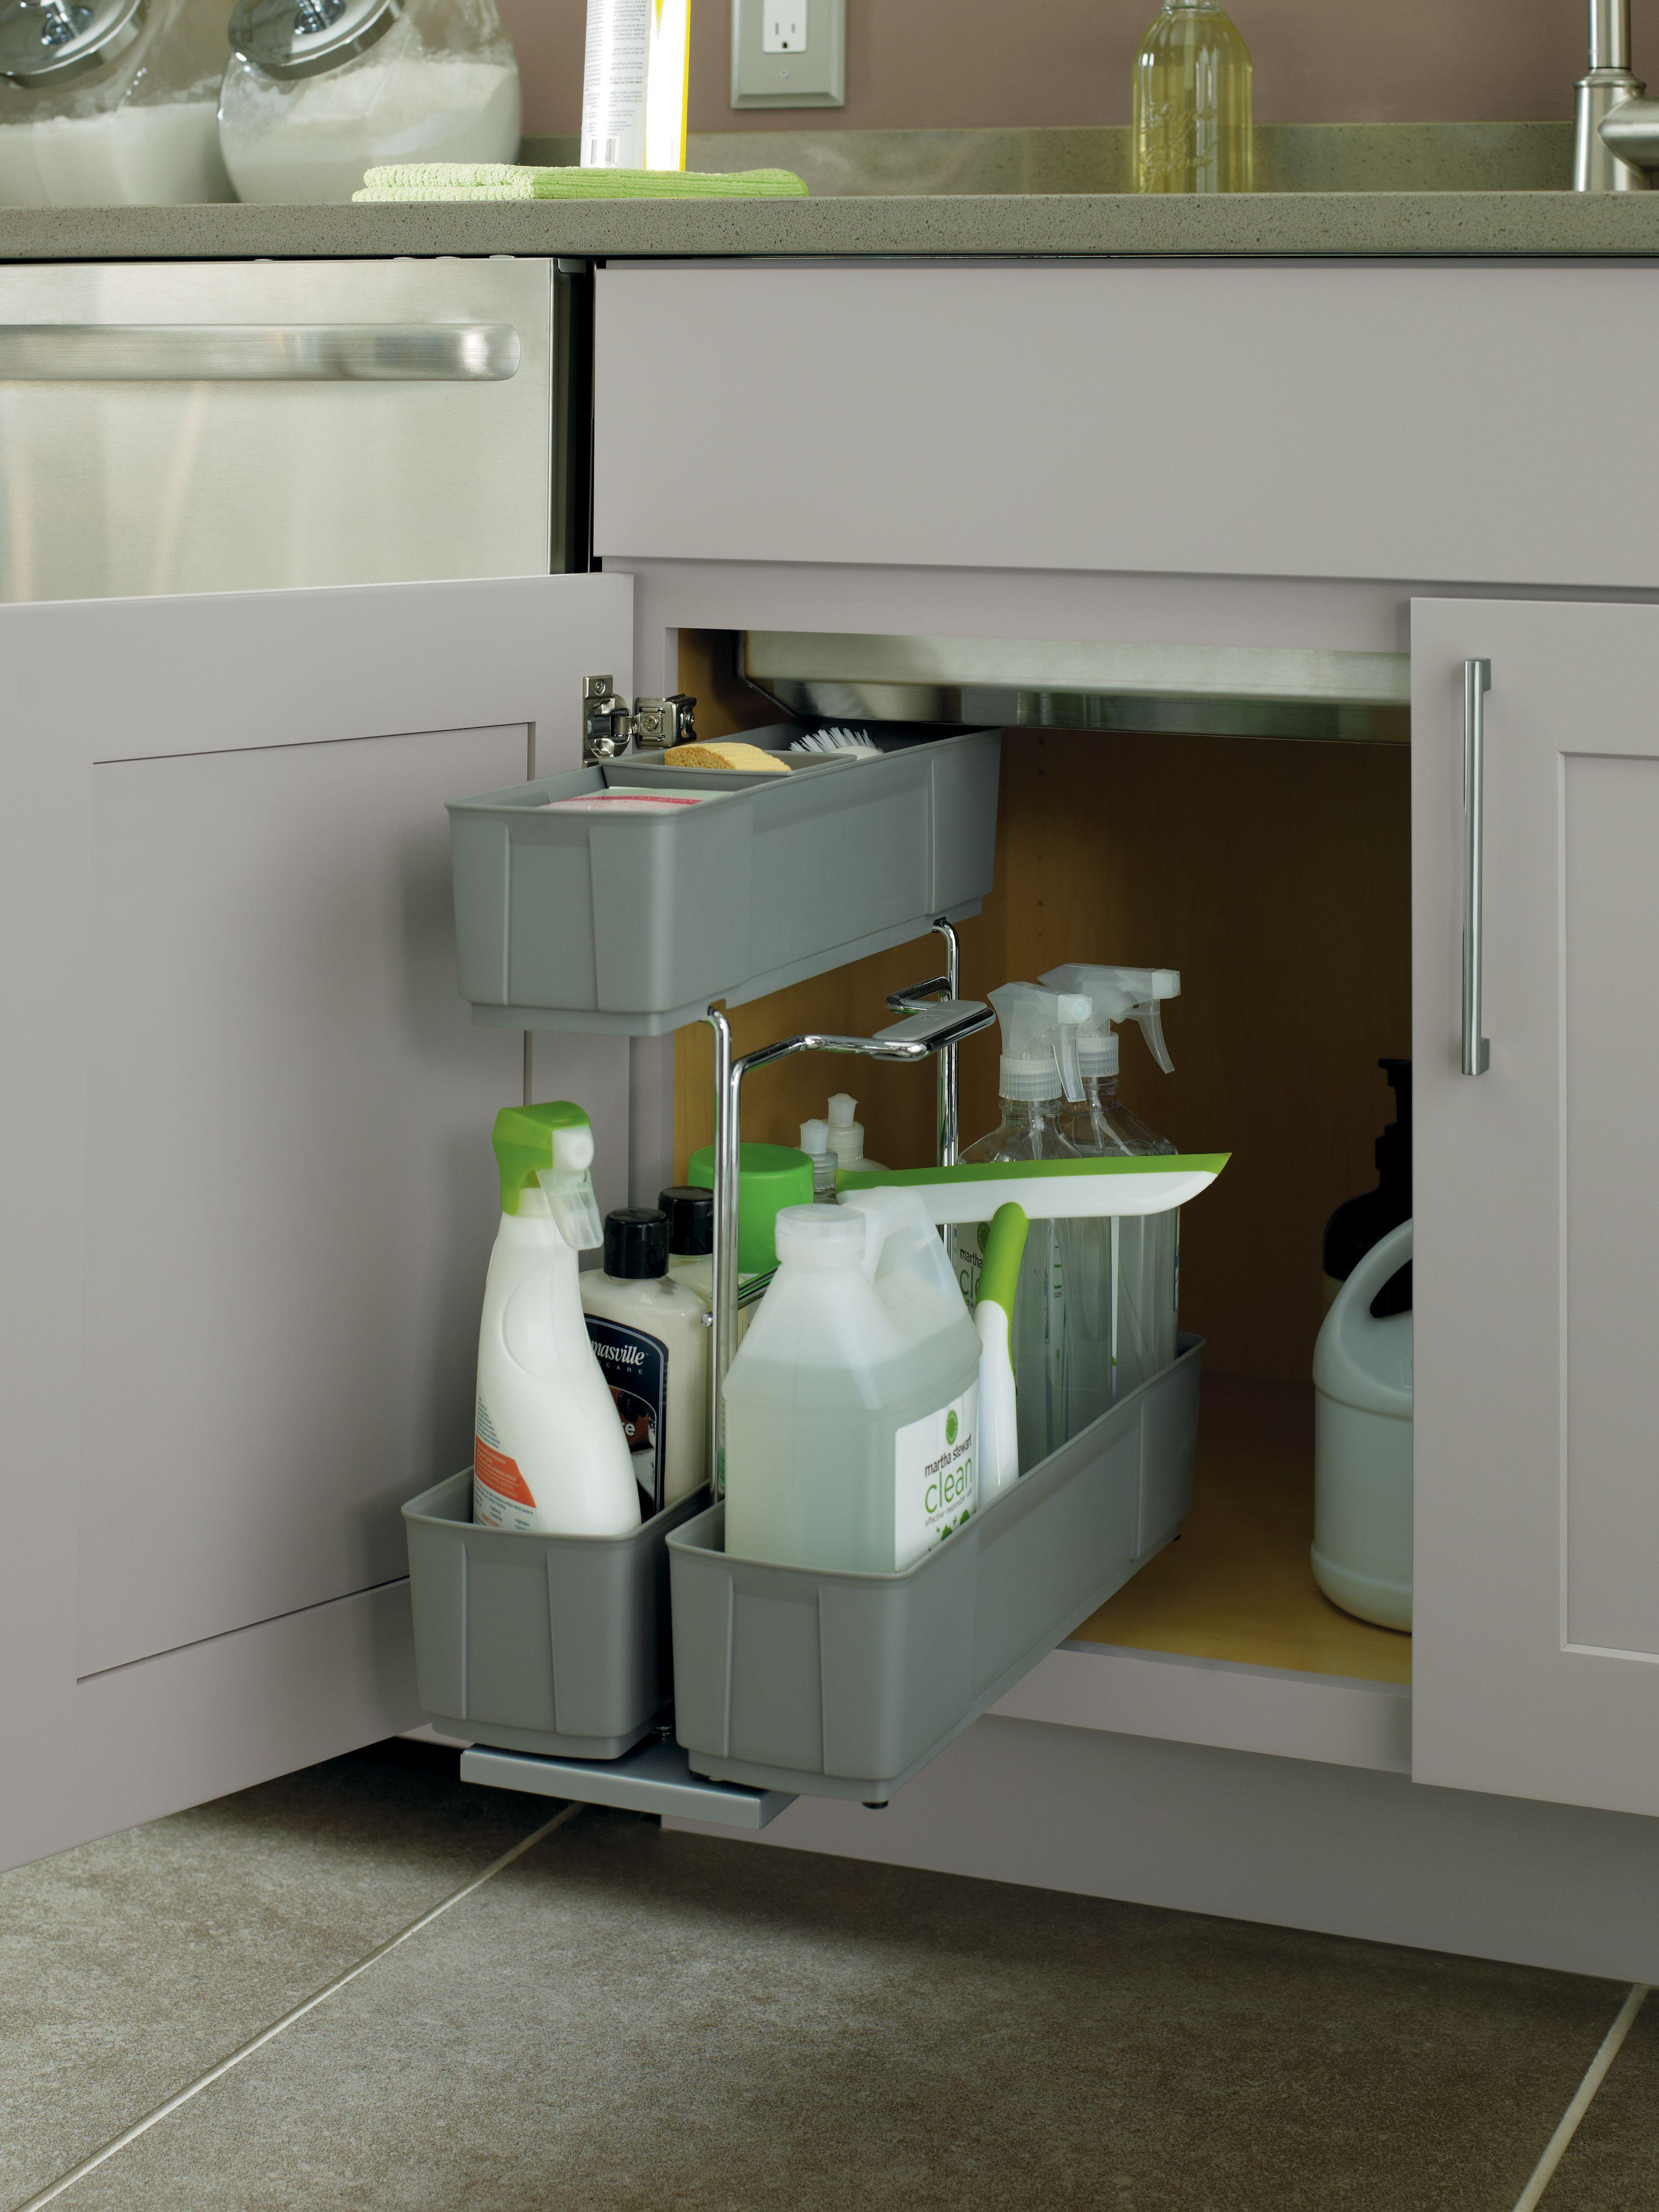 Under Sink Storage Ideas Prescottkitchens Www Prescottkitchens Com Kitchen Cabinets In Bathroom Kitchen Organization Kitchen Cabinet Organization